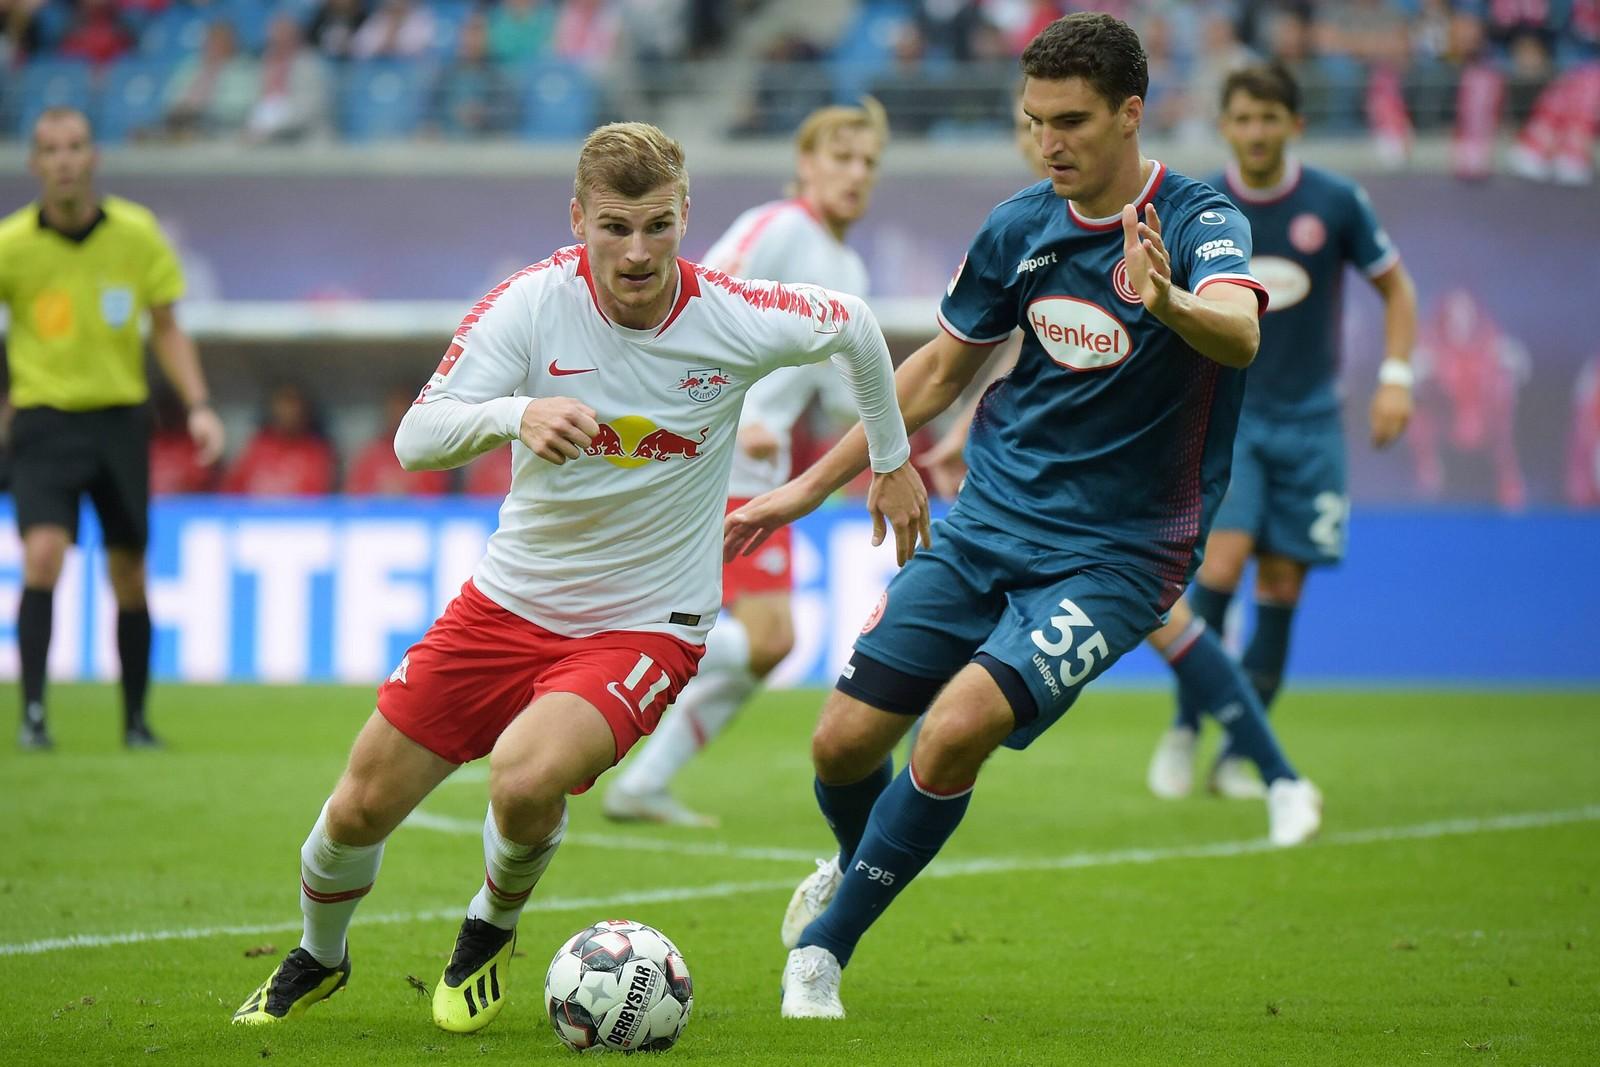 Zieht Timo Werner der Fortuna-Abwehr davon? Jetzt auf Düsseldorf gegen Leipzig wetten!